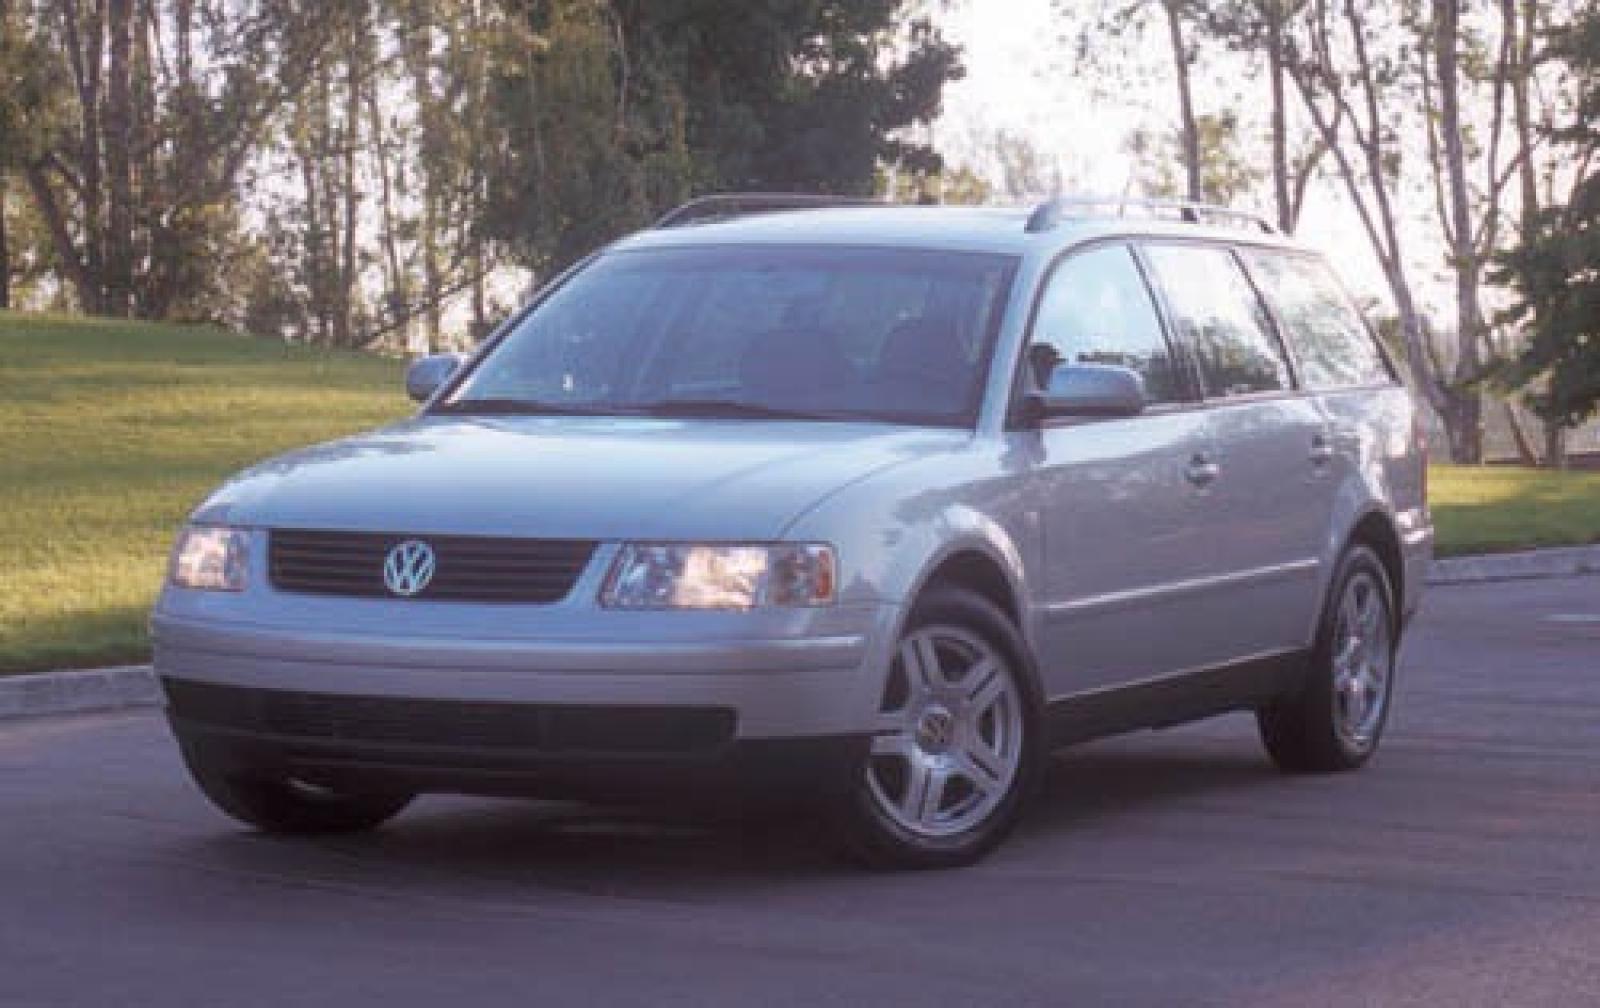 All Types passat 2000 : 2000 Volkswagen Passat - Information and photos - ZombieDrive